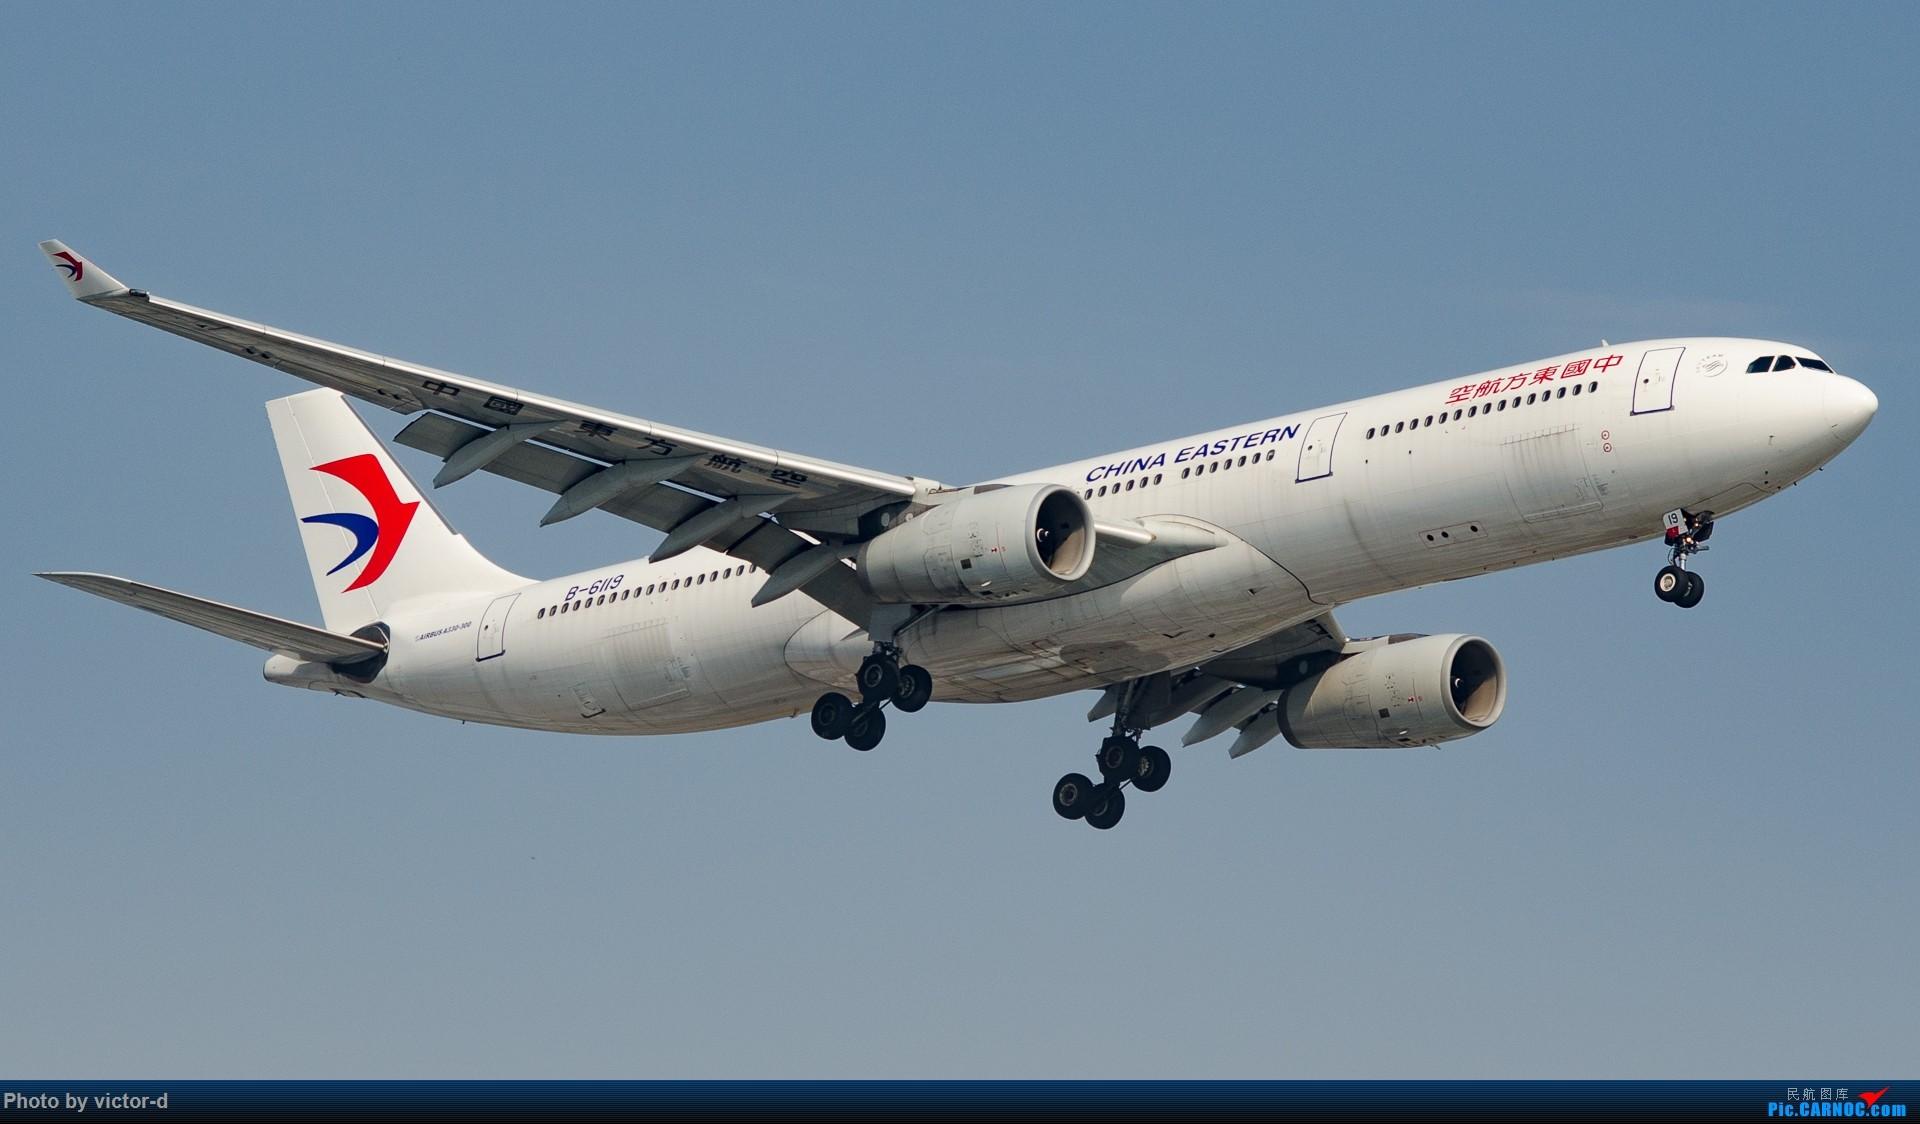 Re:[原创]【上海】拍机记录帖-记录这些年拍到的飞机 AIRBUS A330-300 B-6119 中国上海虹桥国际机场